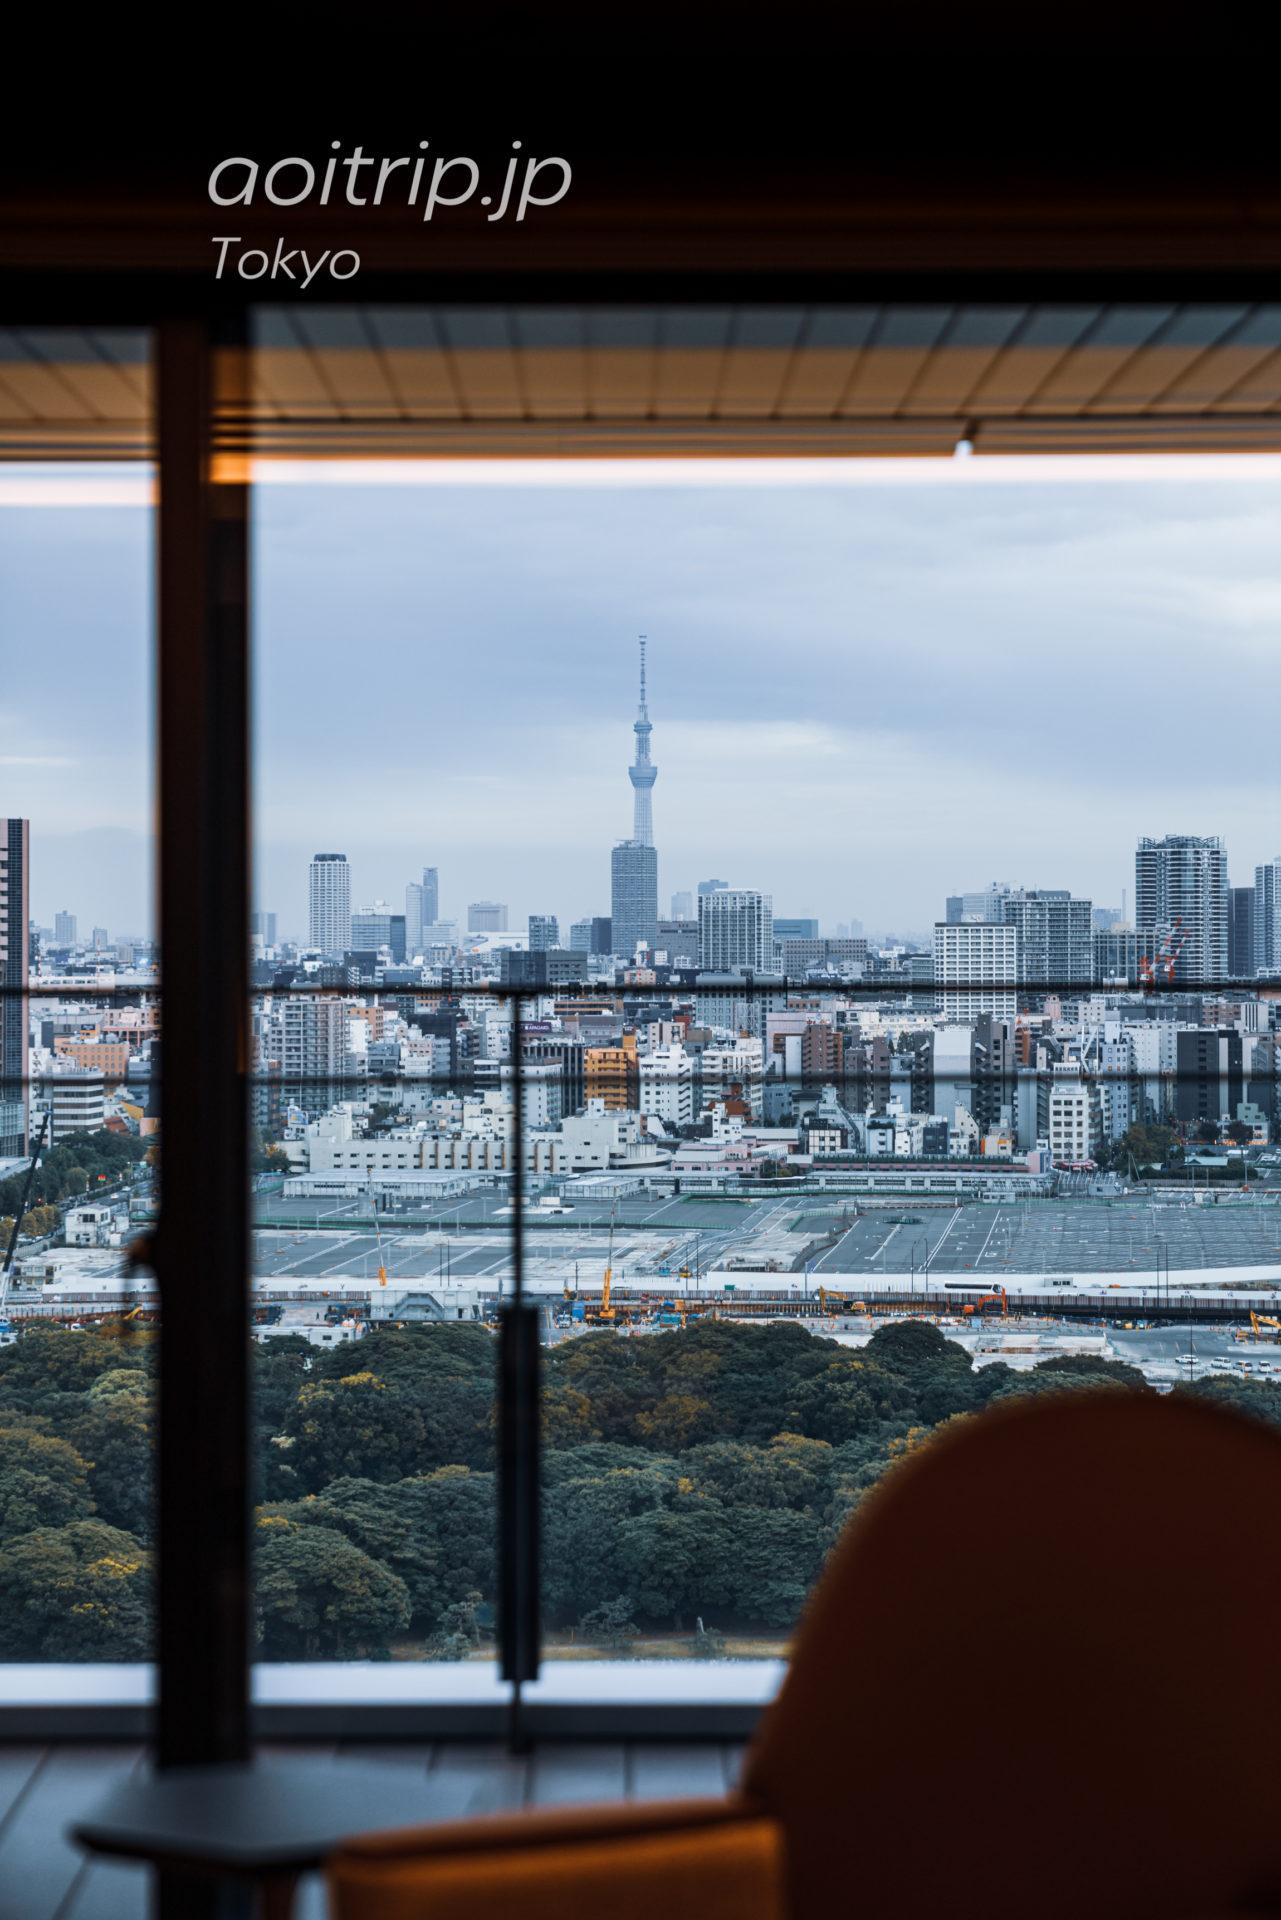 メズム東京 オートグラフコレクション mesm Tokyo, Autograph Collection スイート客室のバルコニー